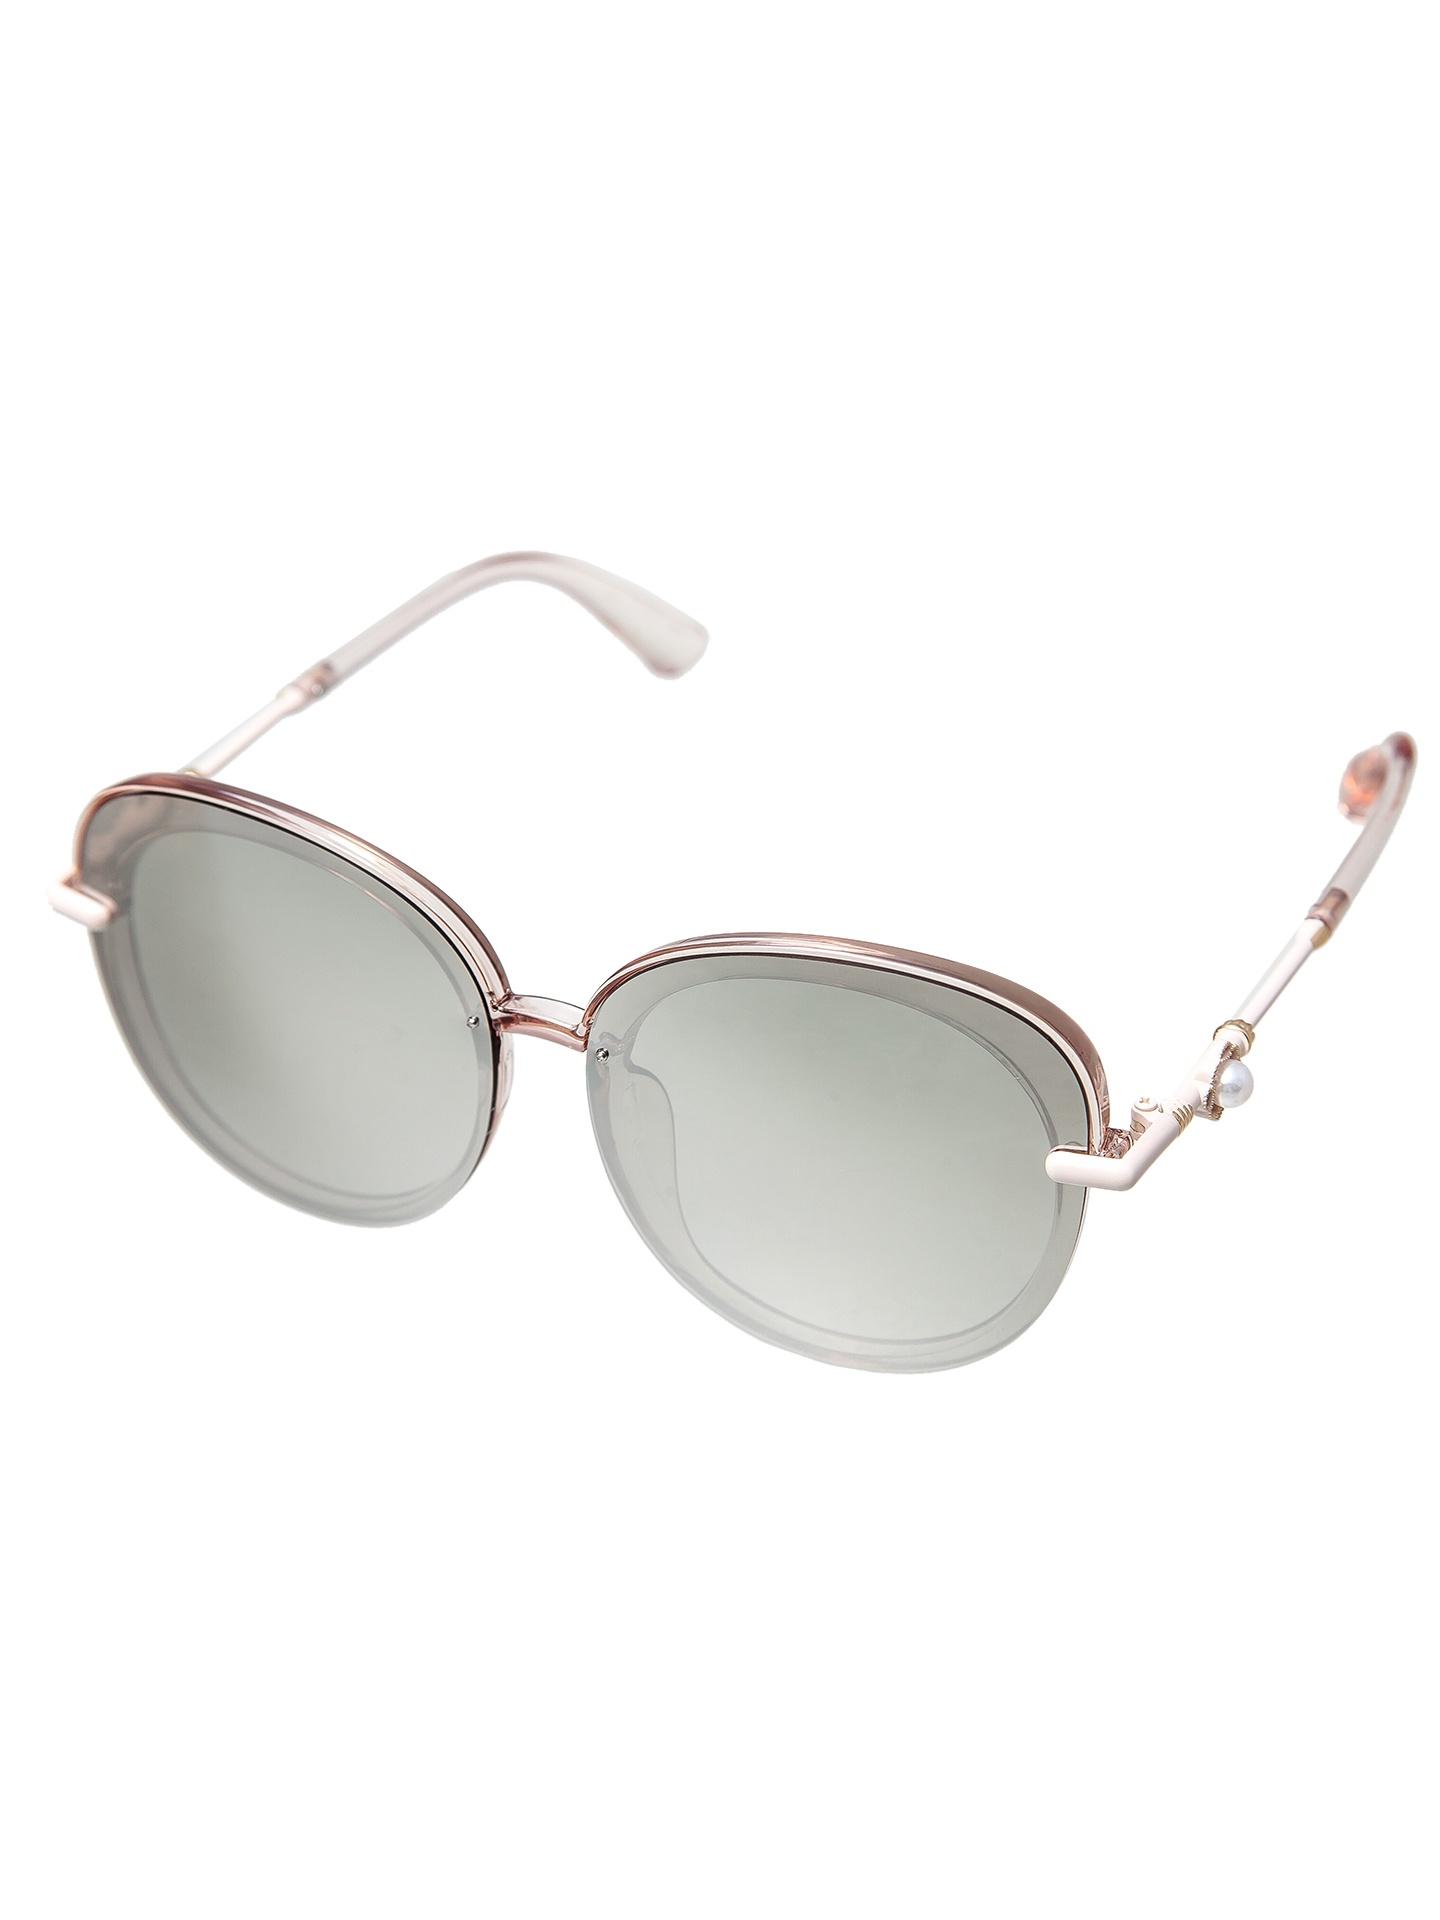 Очки солнцезащитные Aiyony Macie GLS904081G904081Размер 6 см * 14 см Состав: пластик, металл, акрил